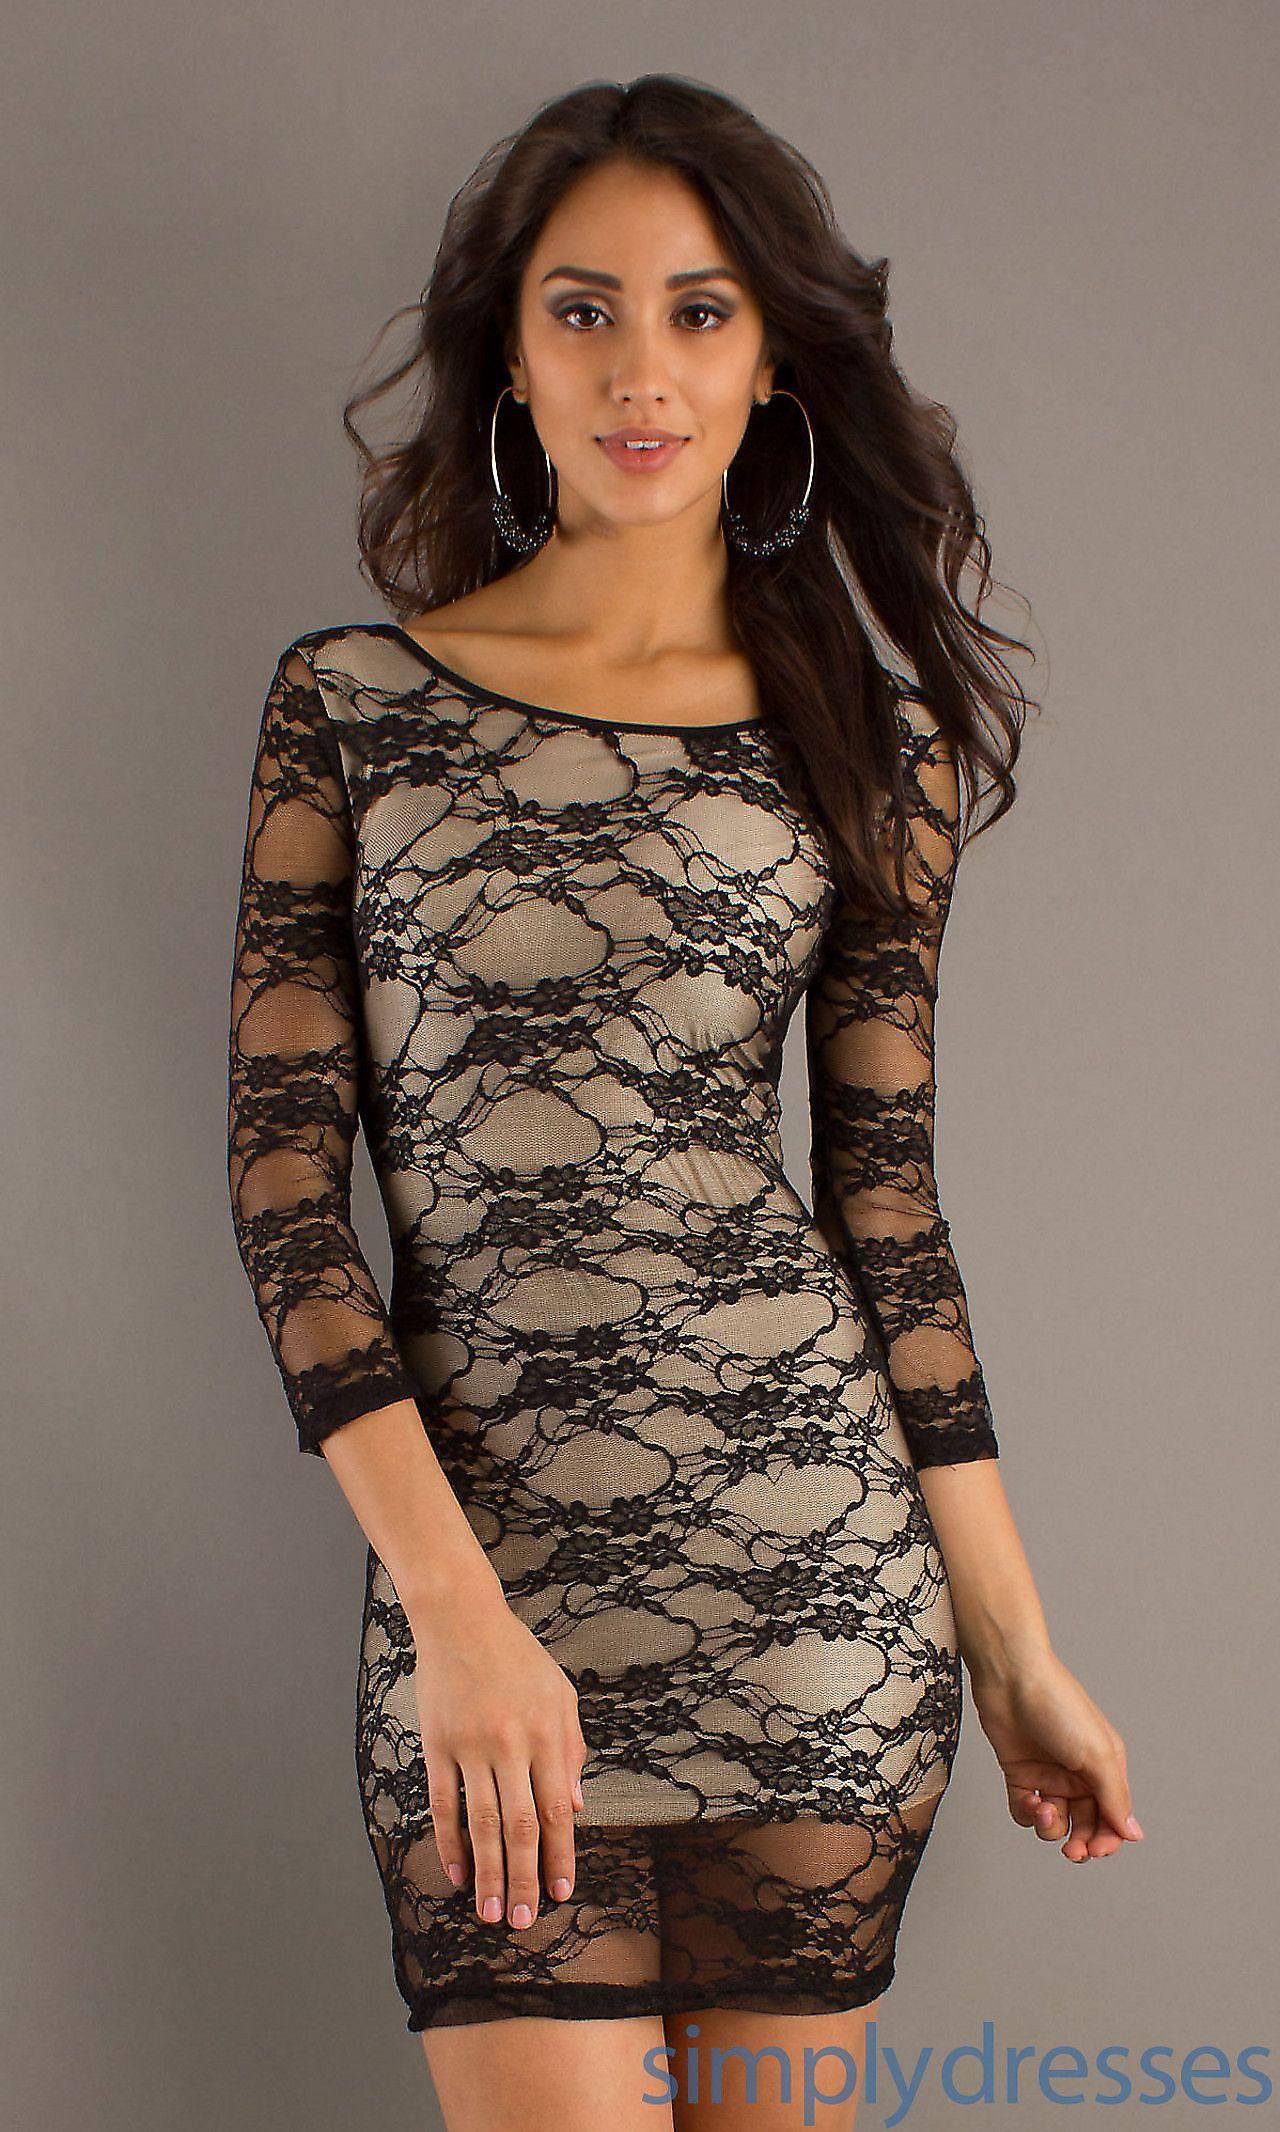 Short Lace Dress CH Belas Mulheres Pinterest Lace dress